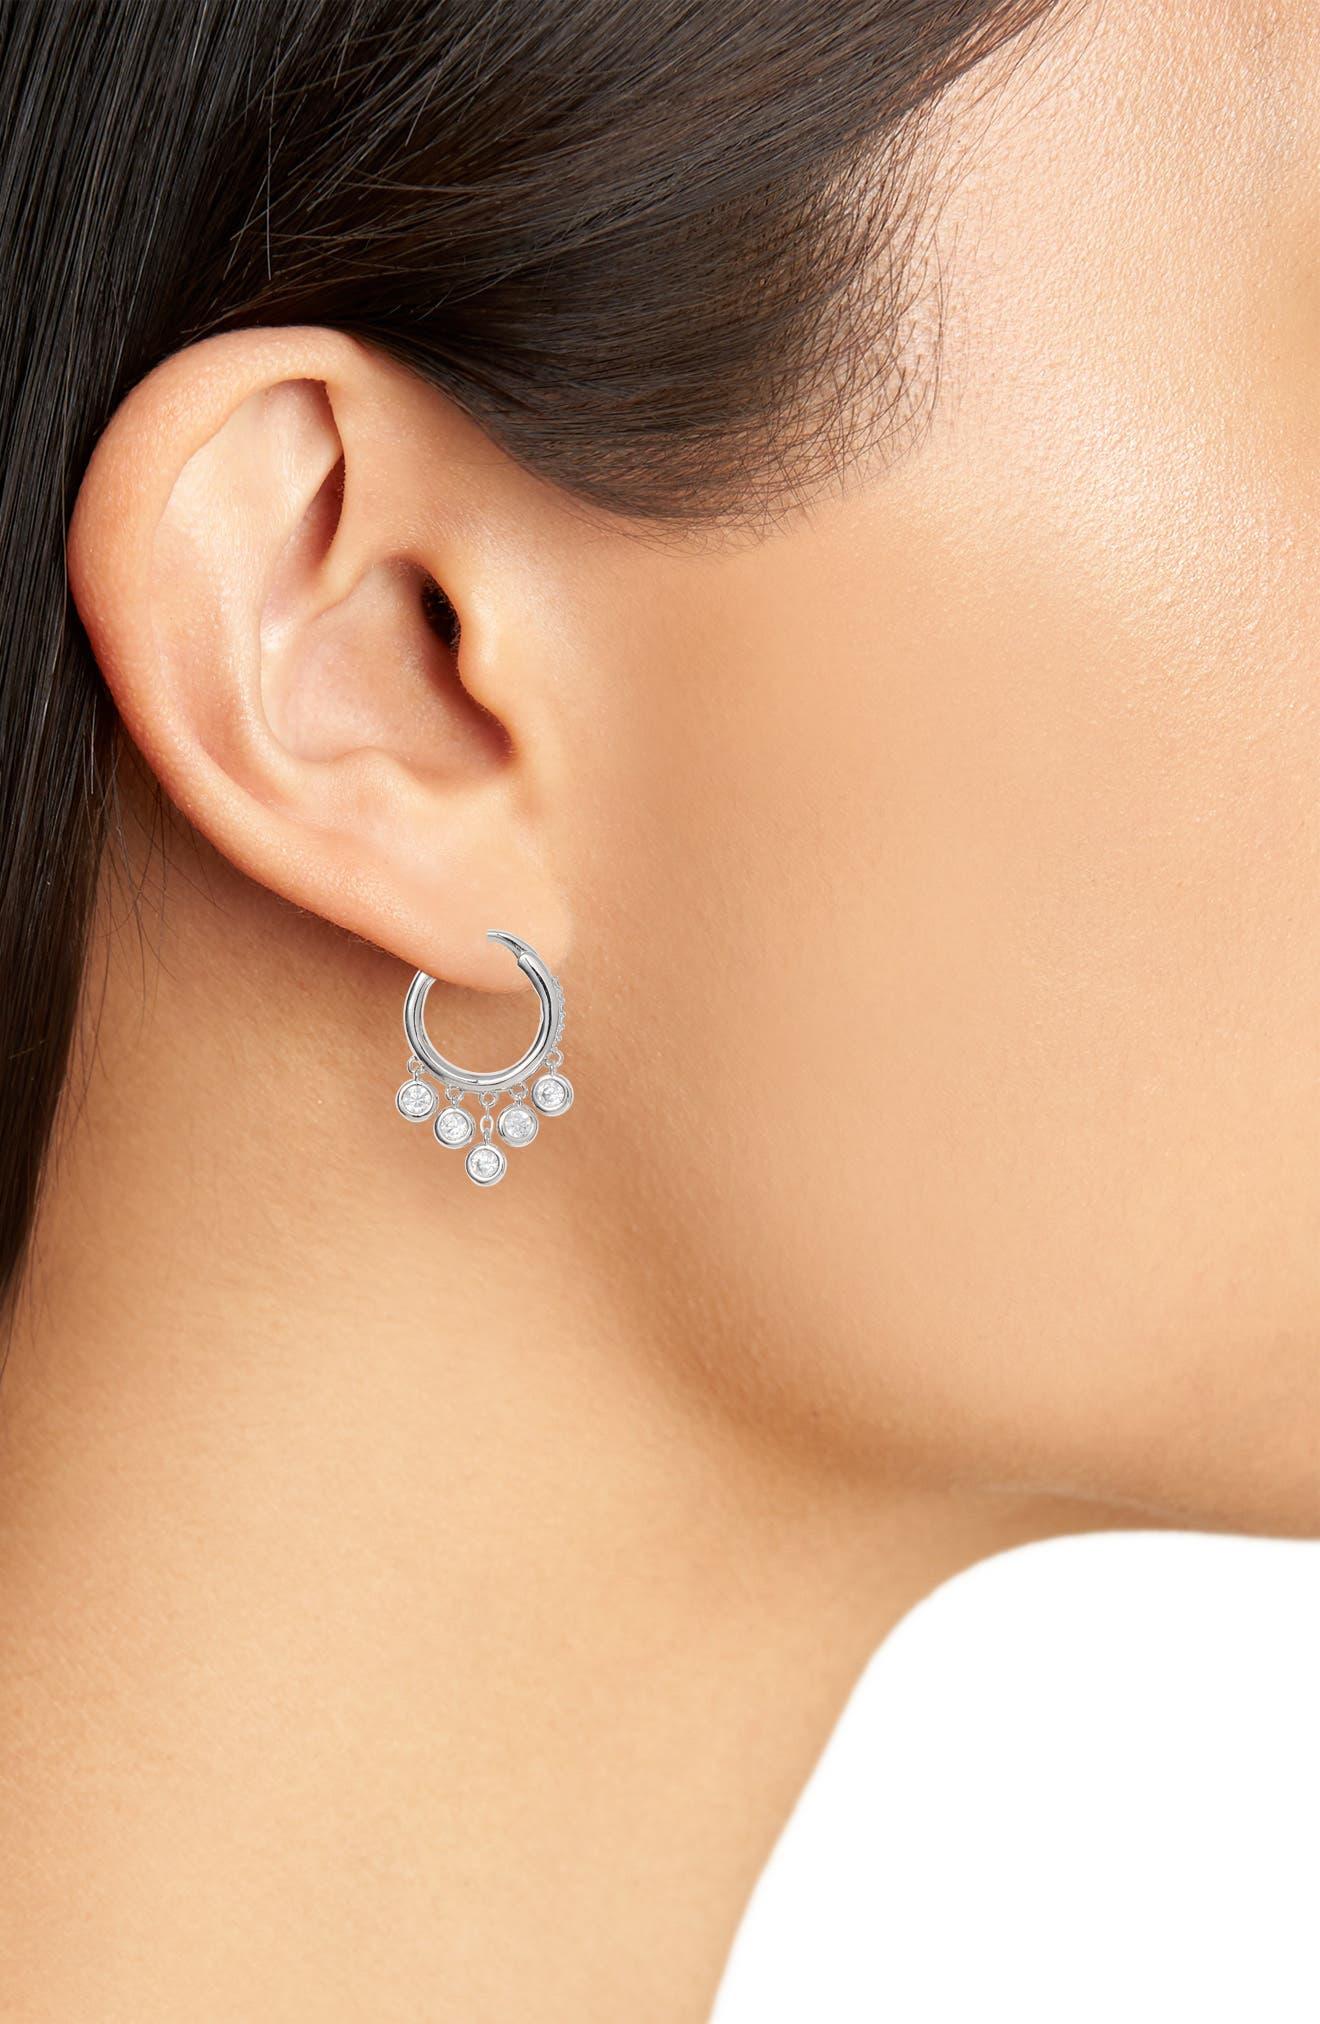 Cubic Zirconia Hoop Earrings,                             Alternate thumbnail 2, color,                             040